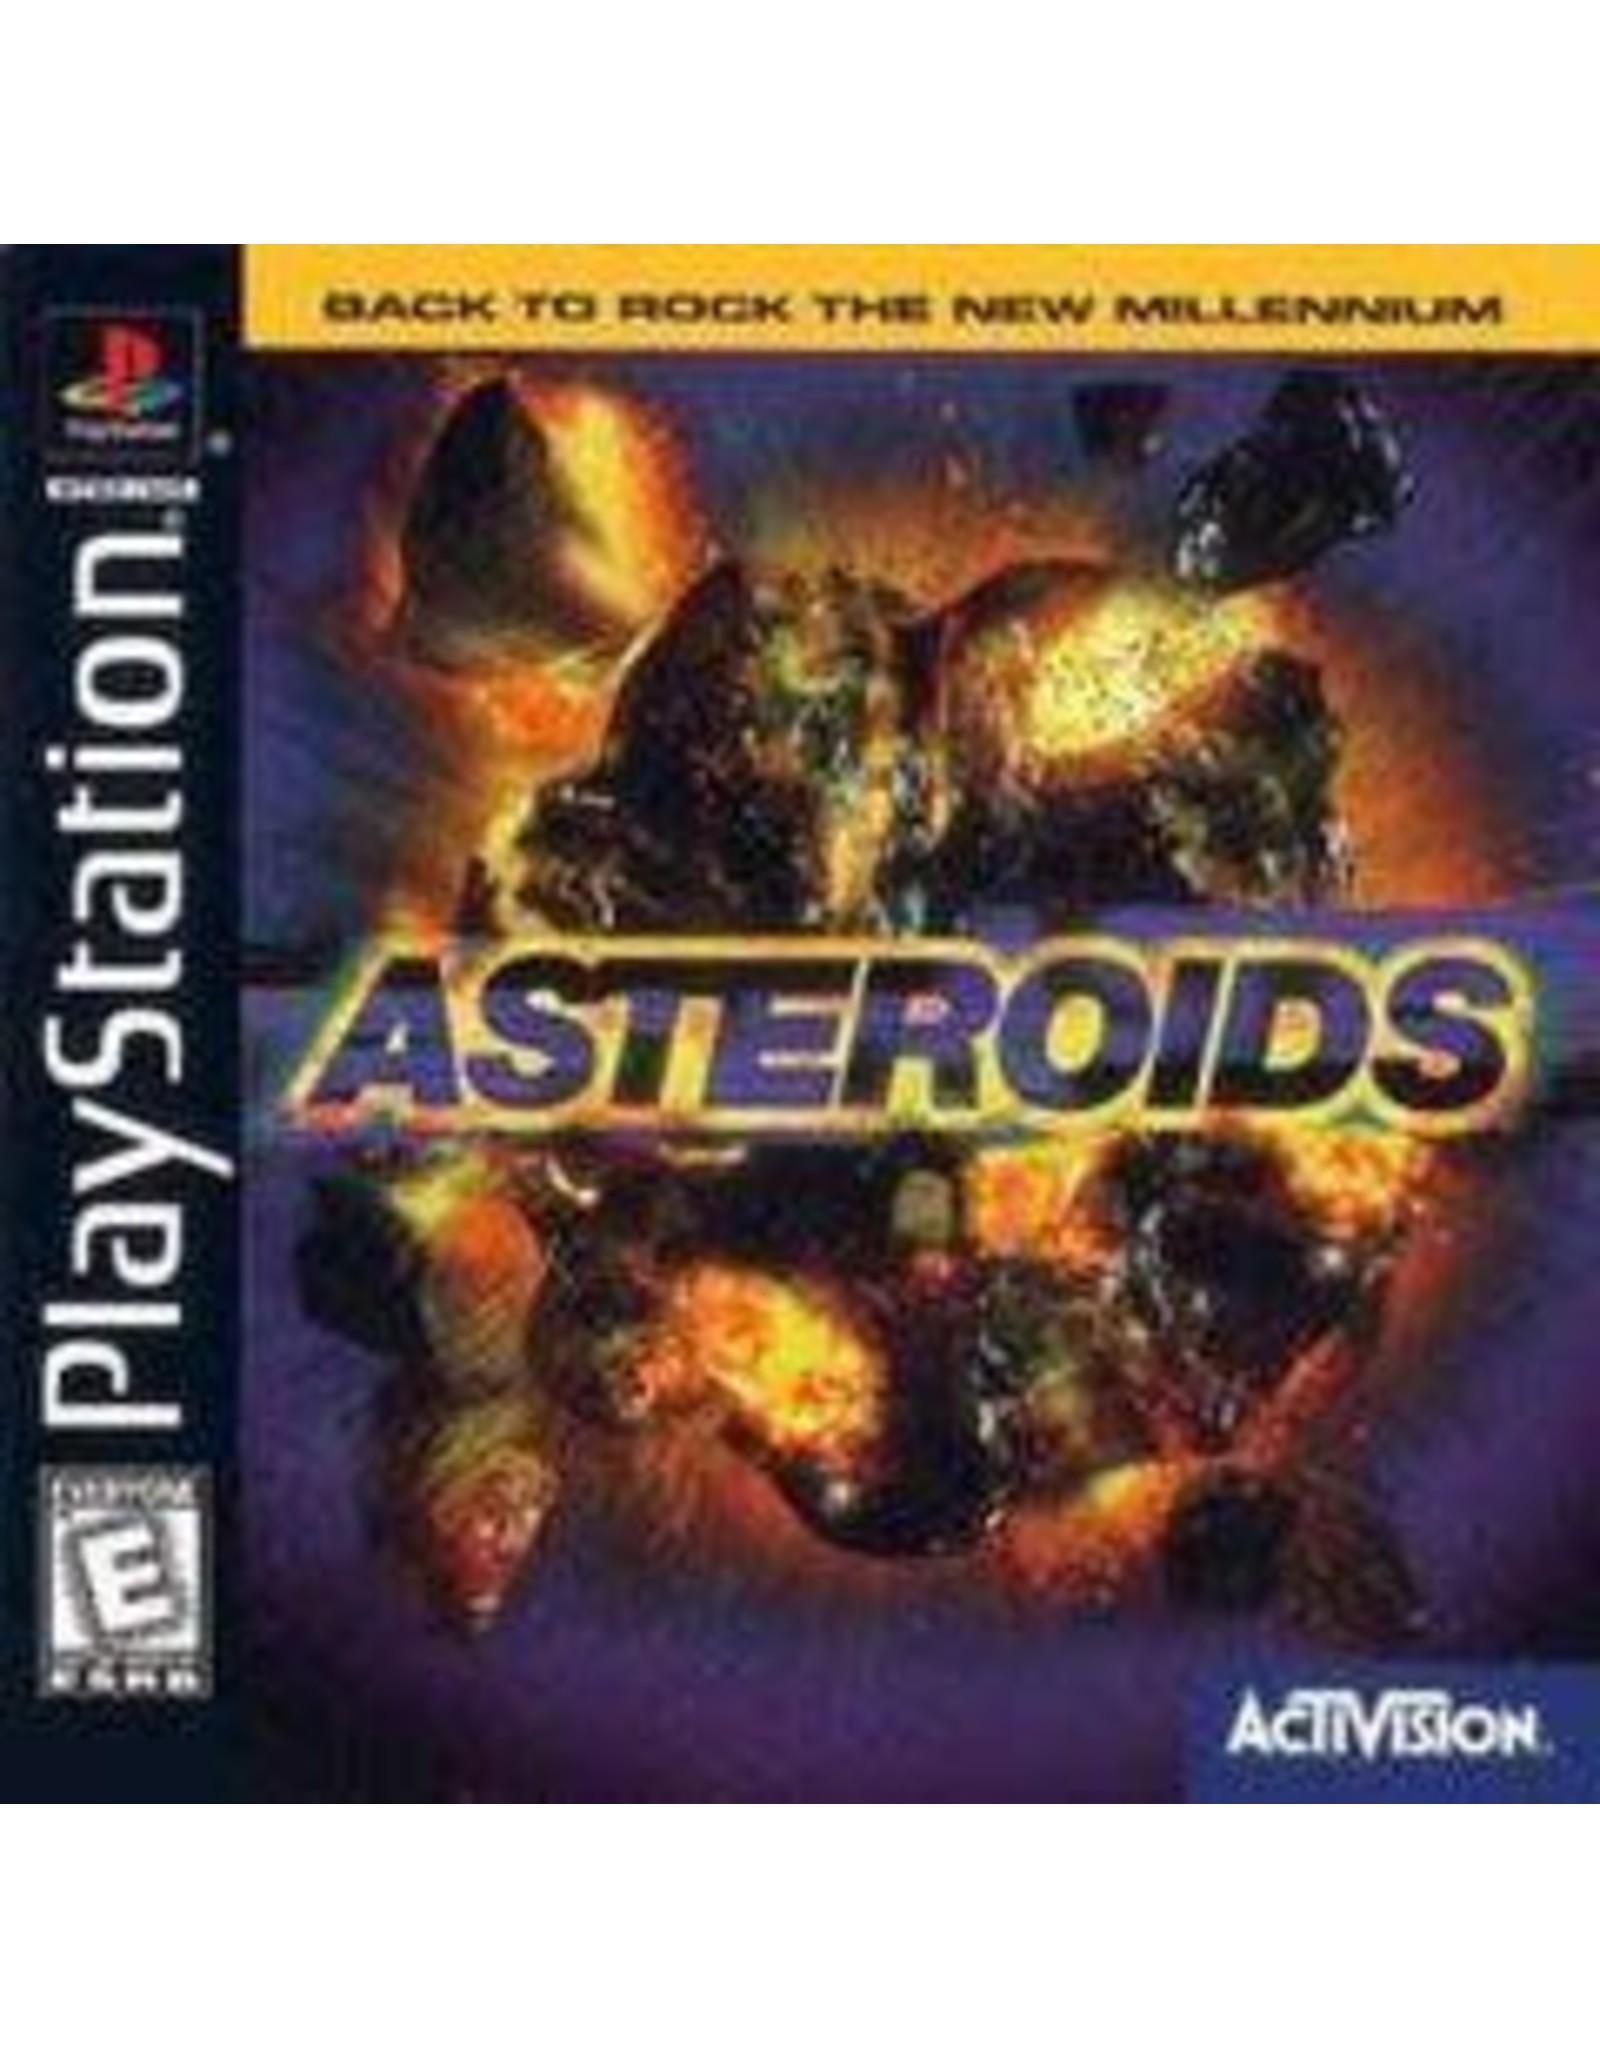 Playstation Asteroids (No Manual)